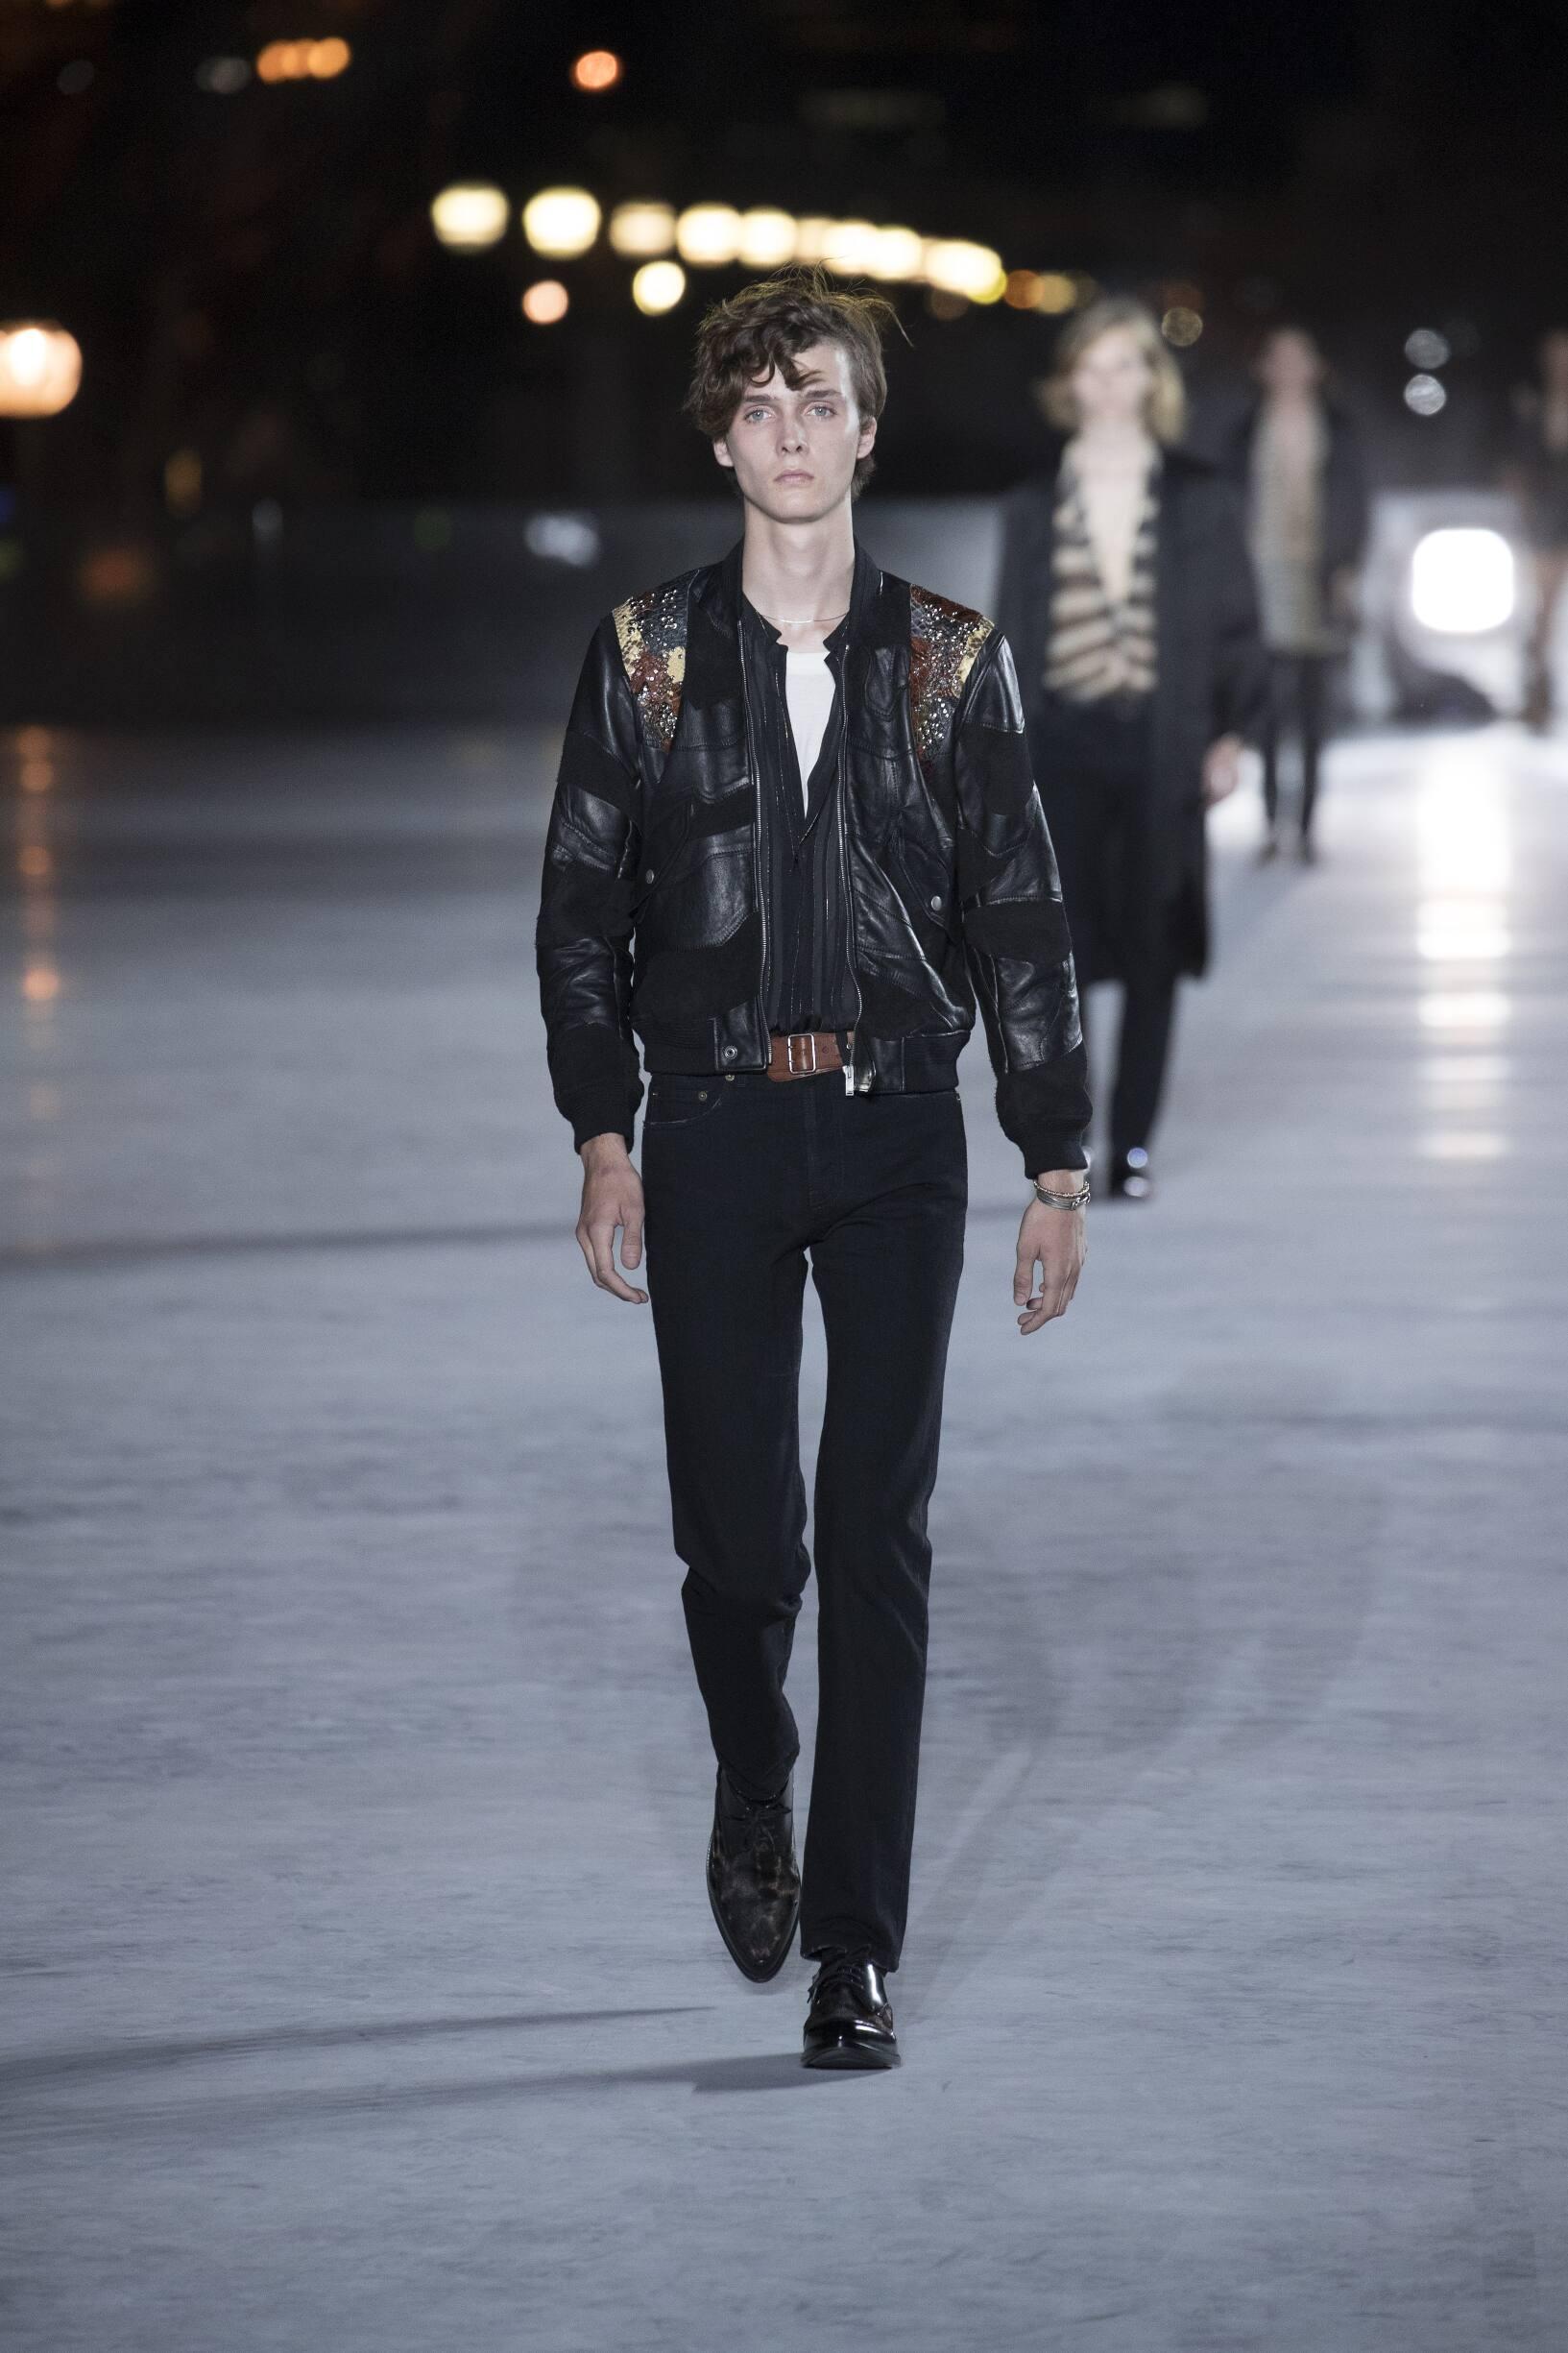 Spring Fashion Trends 2018 Saint Laurent